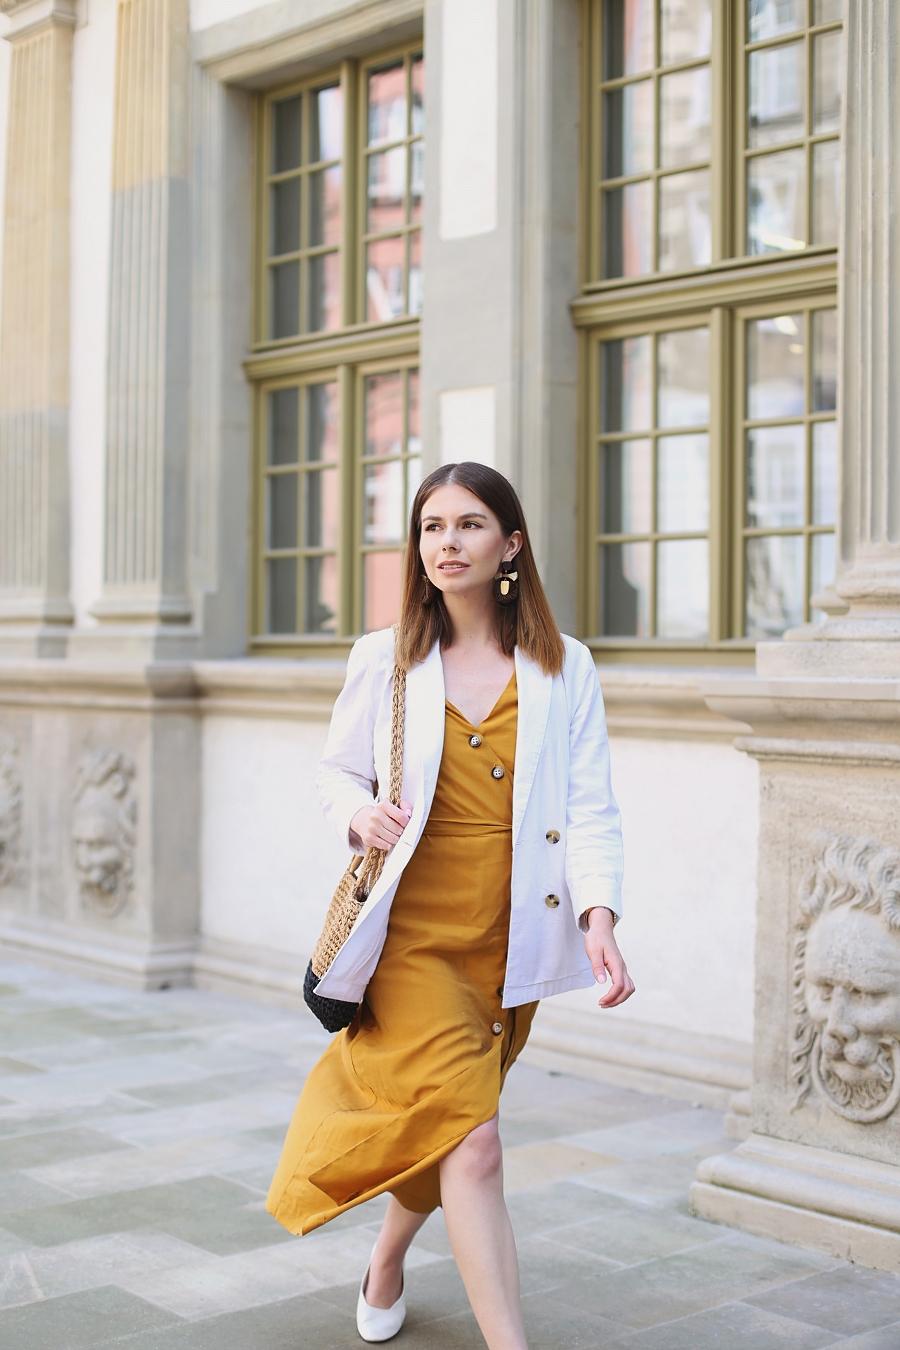 Miodowa sukienka 7/8, biała marynarka, pleciona torebka, białe pantofle, sznurkowe kolczyki